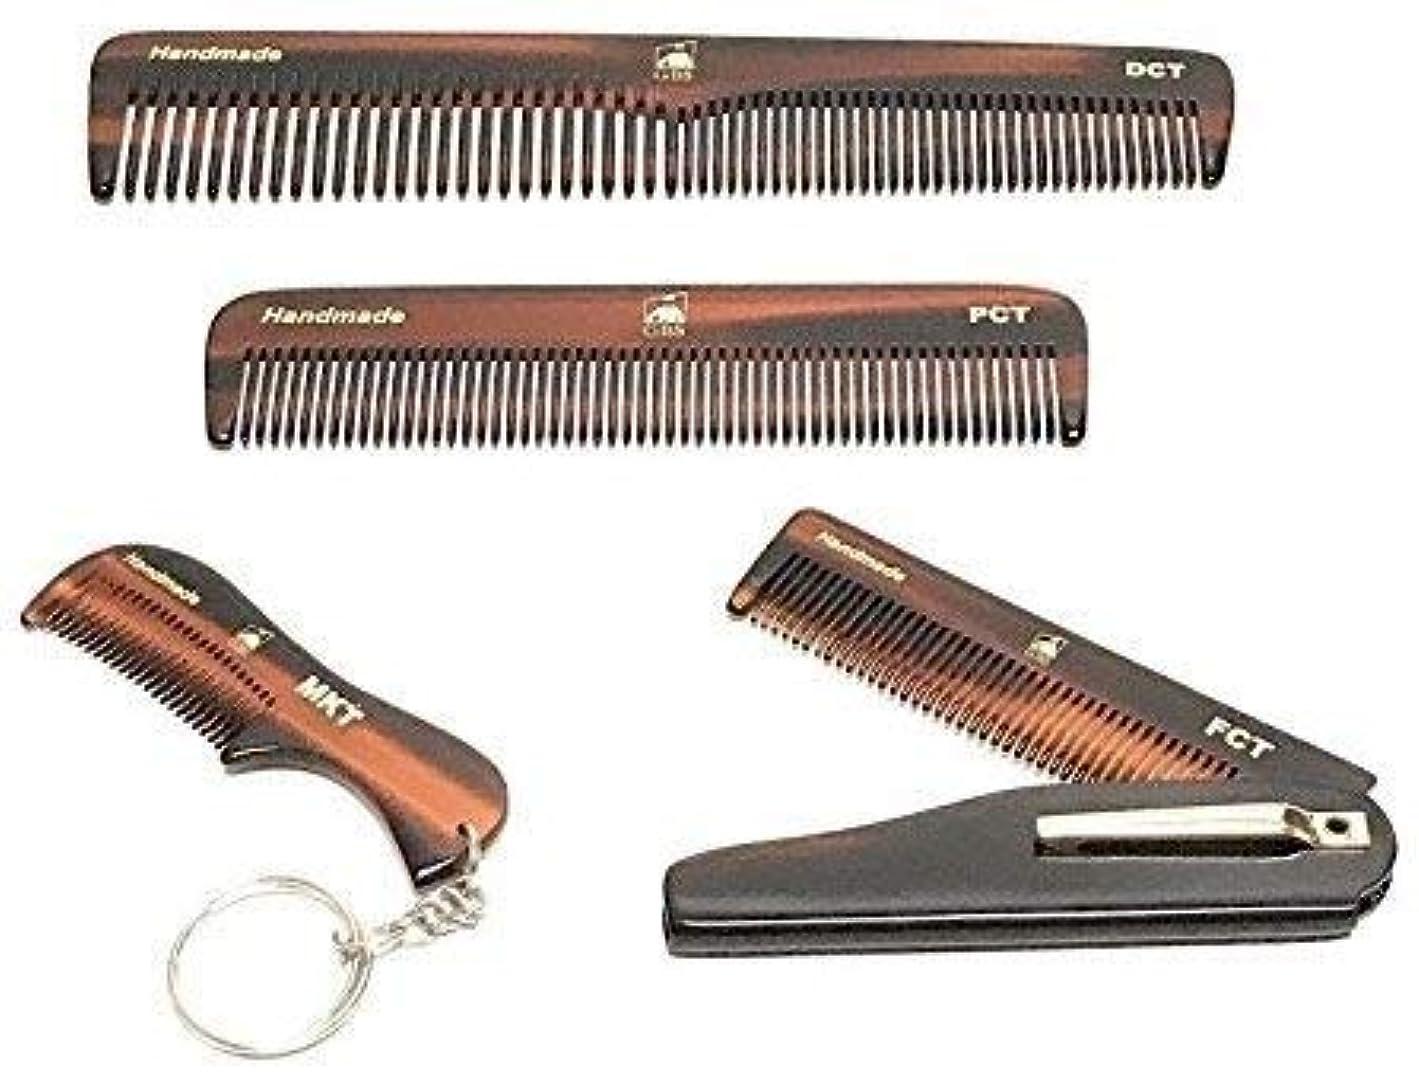 飾る曇った朝食を食べるGBS Handmade Styling Anti-Static No Snag Saw-cut Teeth Grooming Hair and Beard Comb Set - For Mens Care - Dressing...